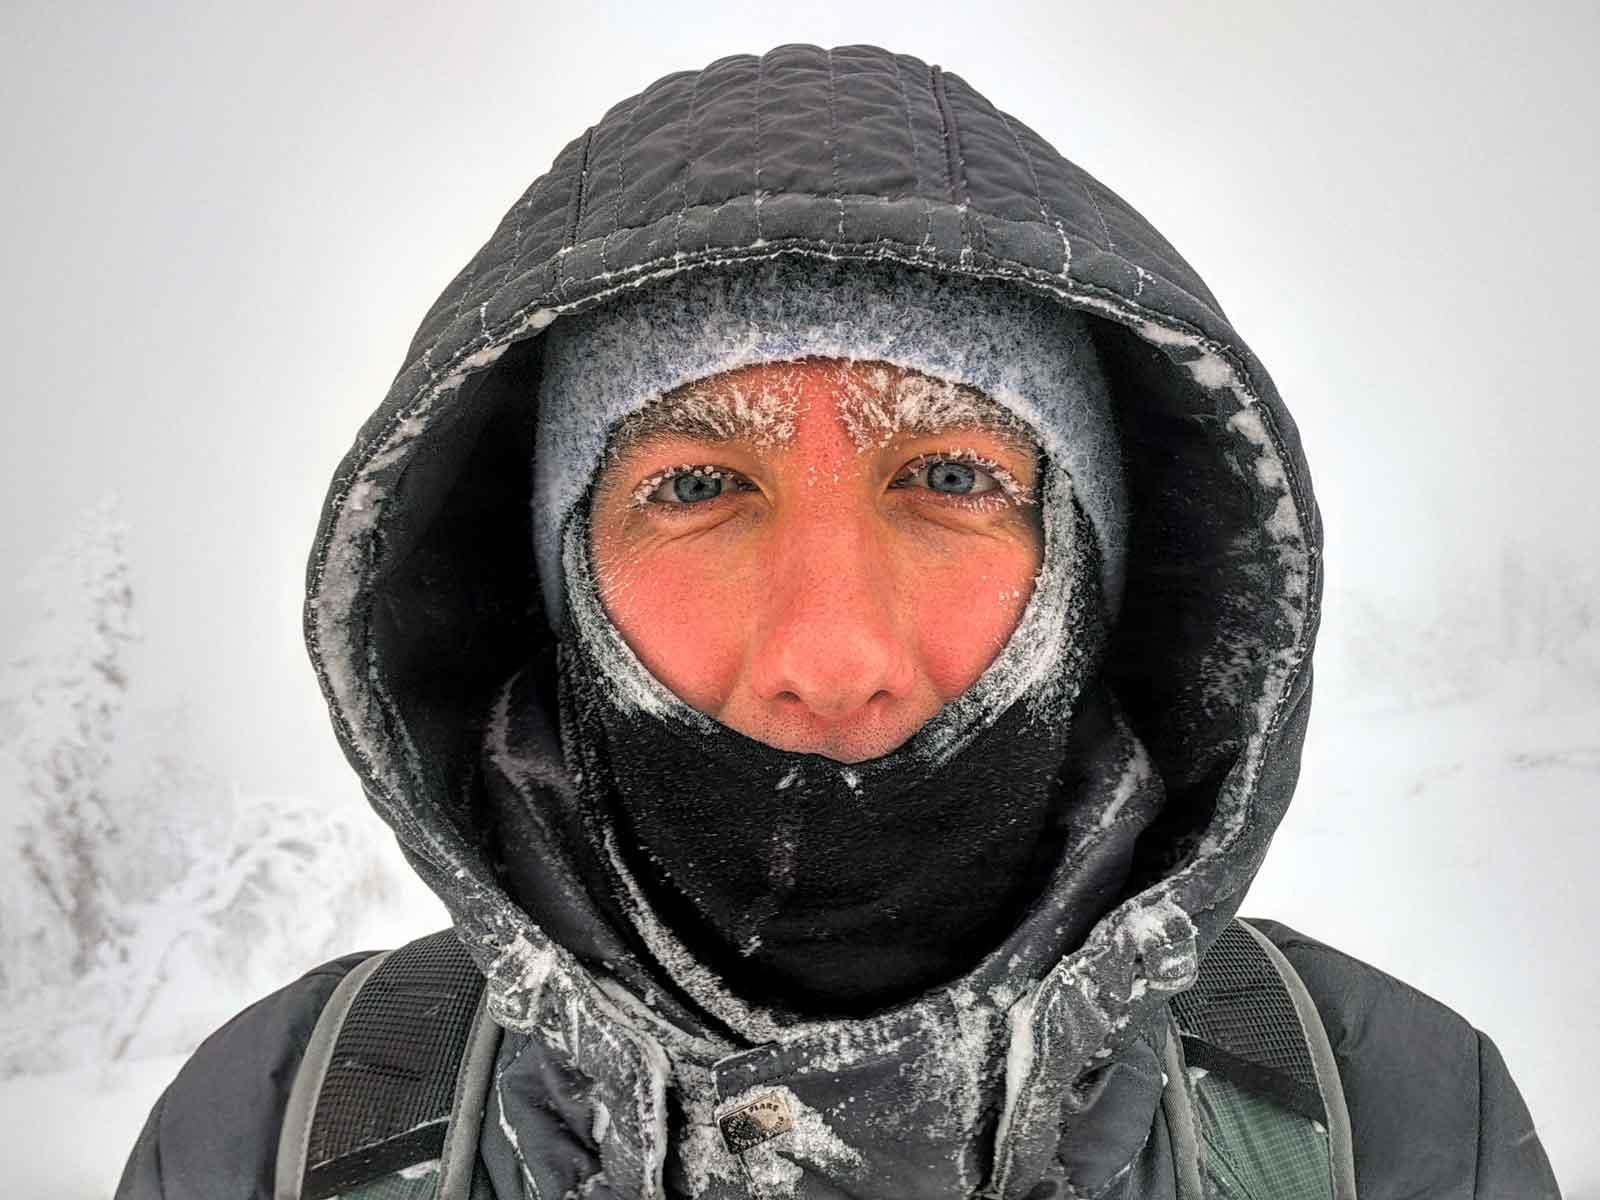 Сретенские морозы: где в России похолодает до -36